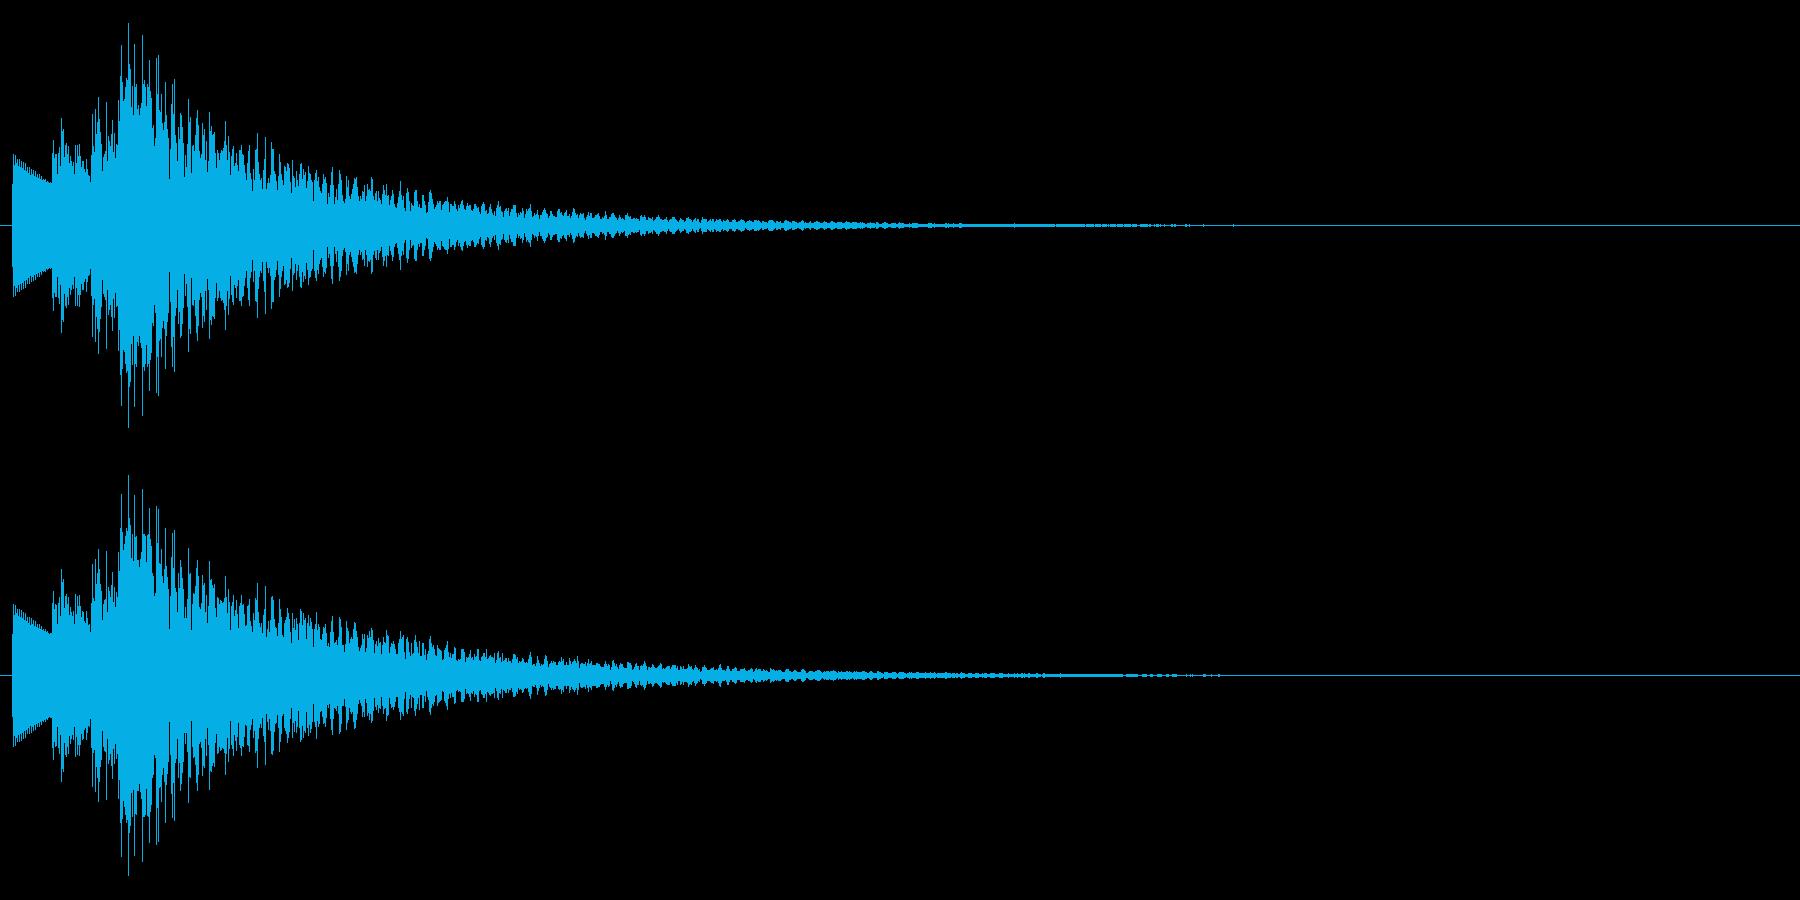 C-Maj、ハープシコード系のMEの再生済みの波形